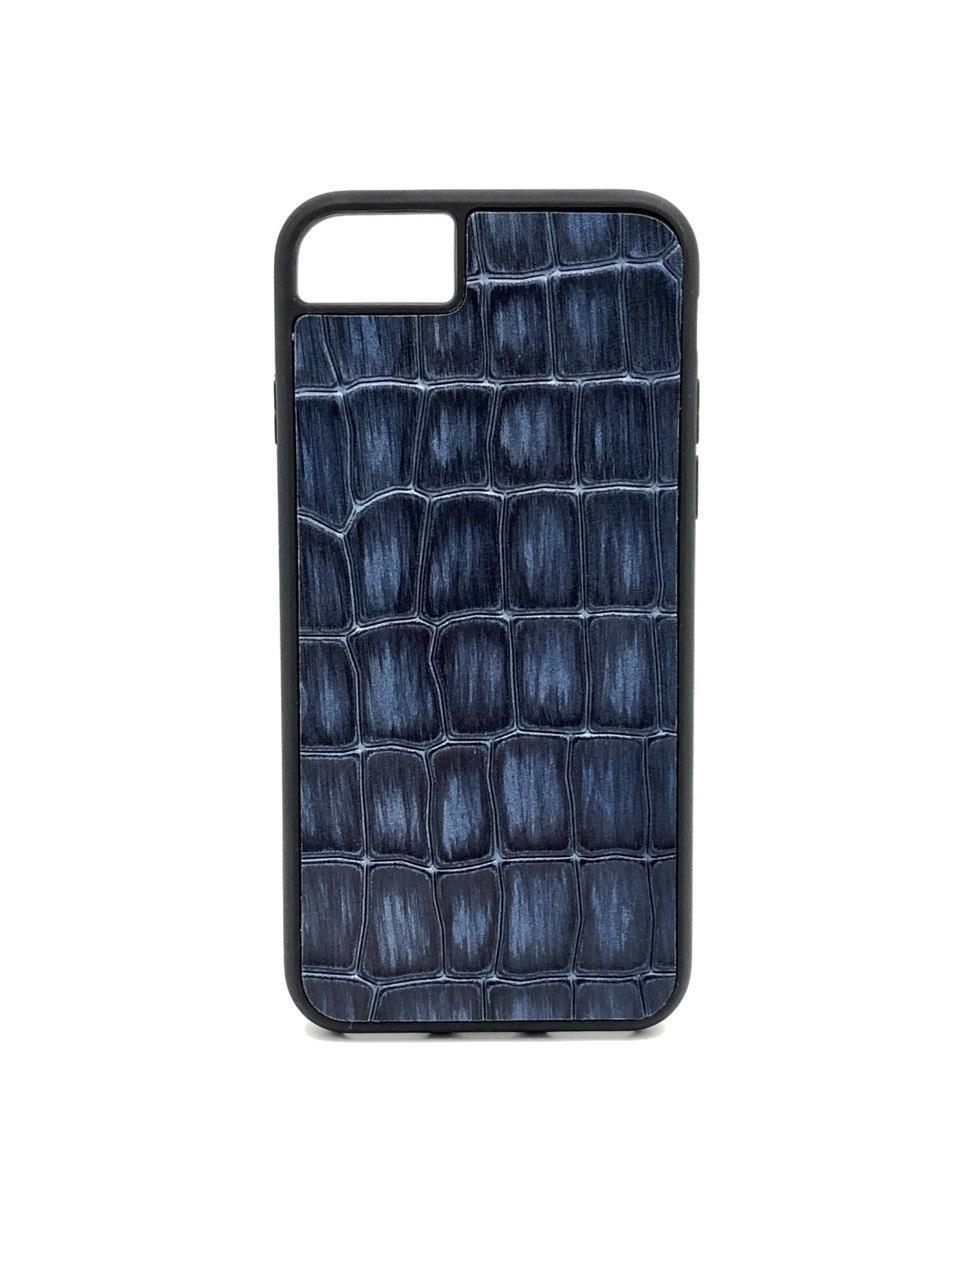 Чохол для iPhone 7/8 синього кольору з Телячої шкіри тисненої під Крокодила